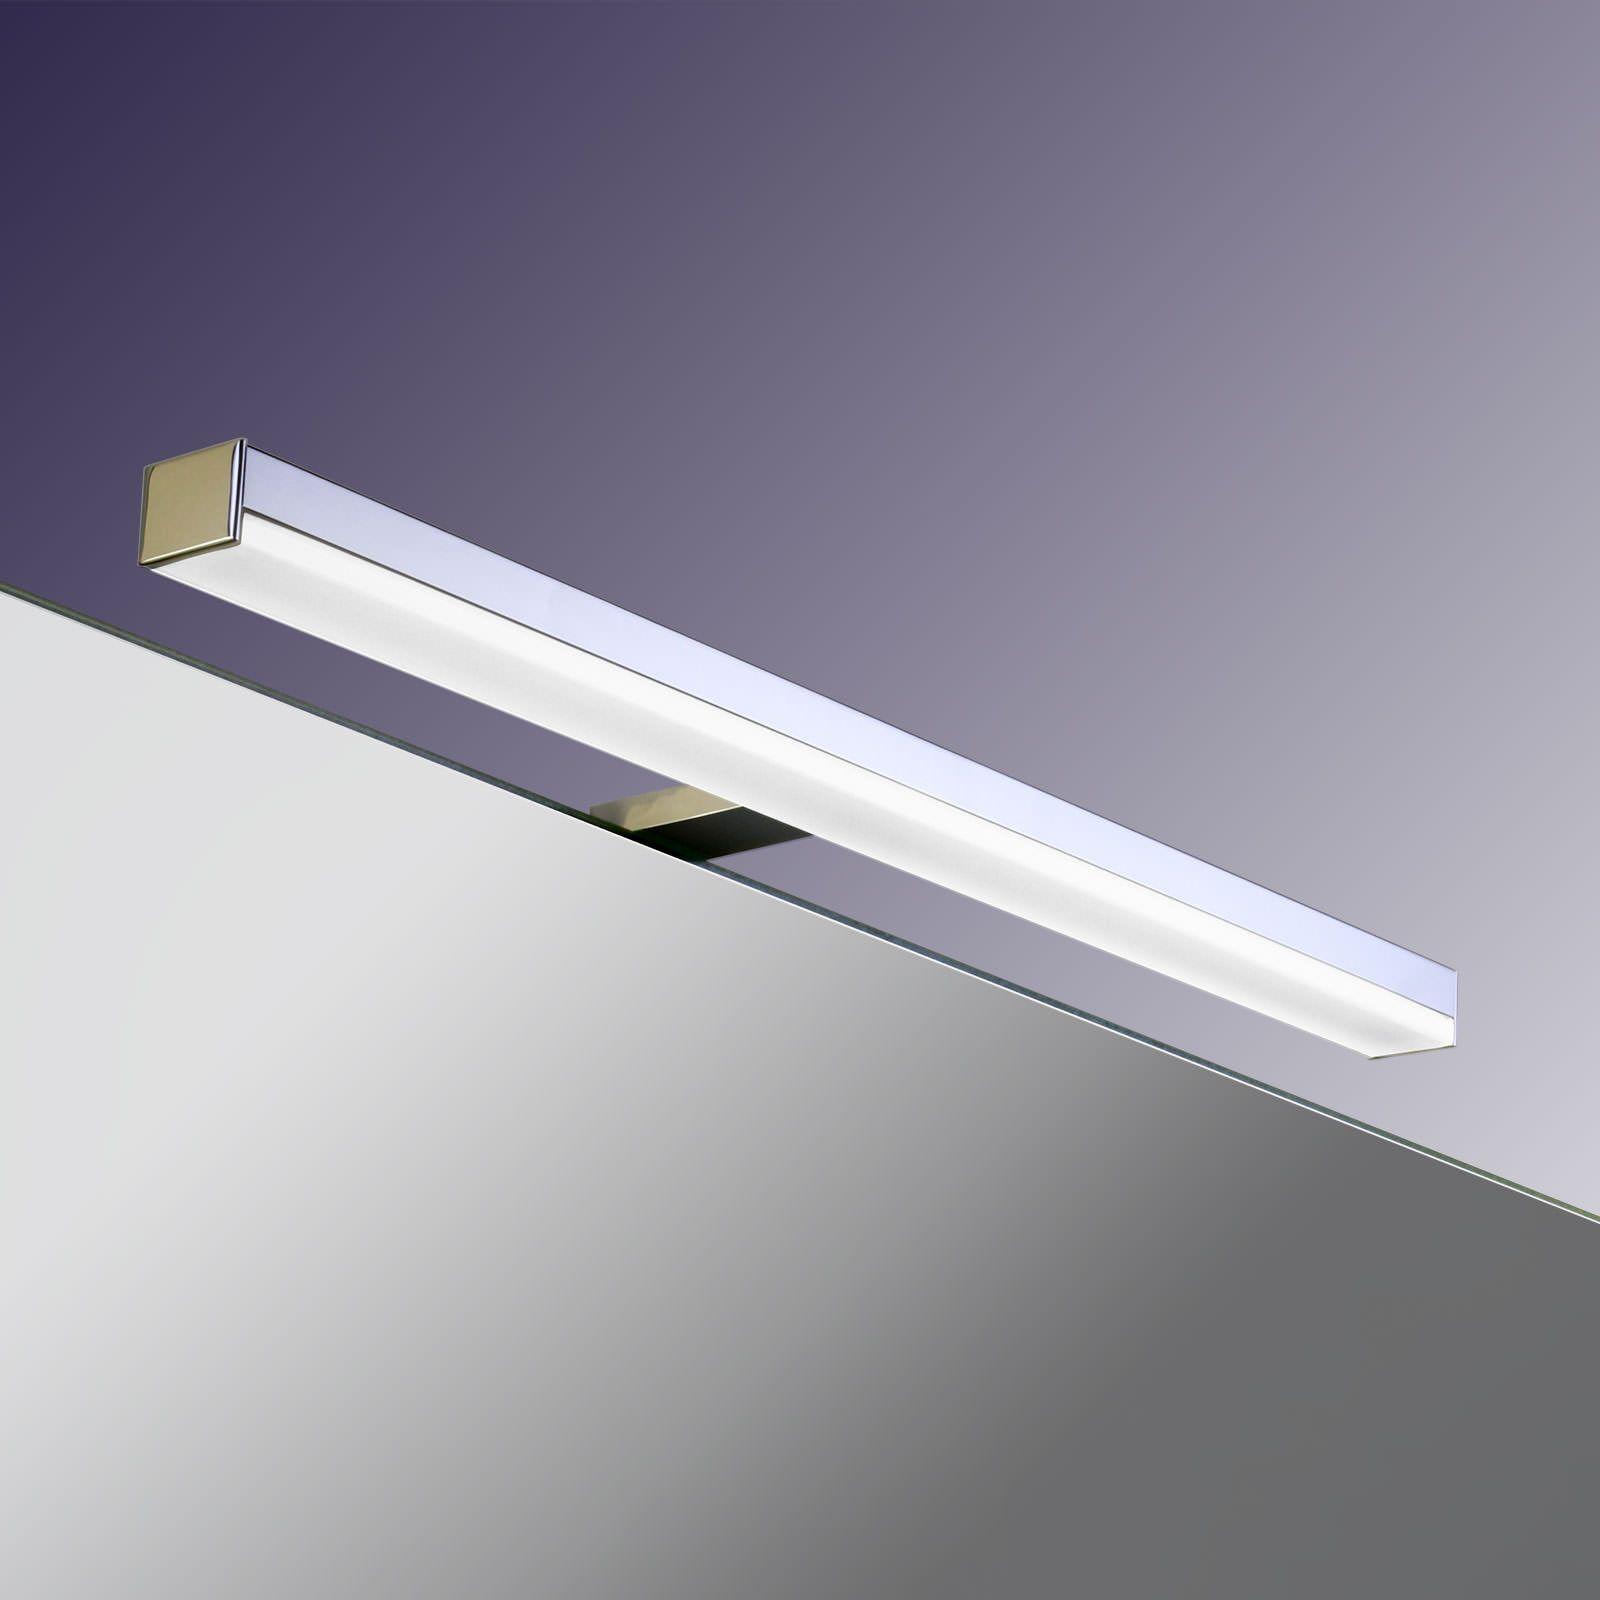 LED Spiegelleuchte Amare-50+Kristallspiegel | Bad | Pinterest | LED